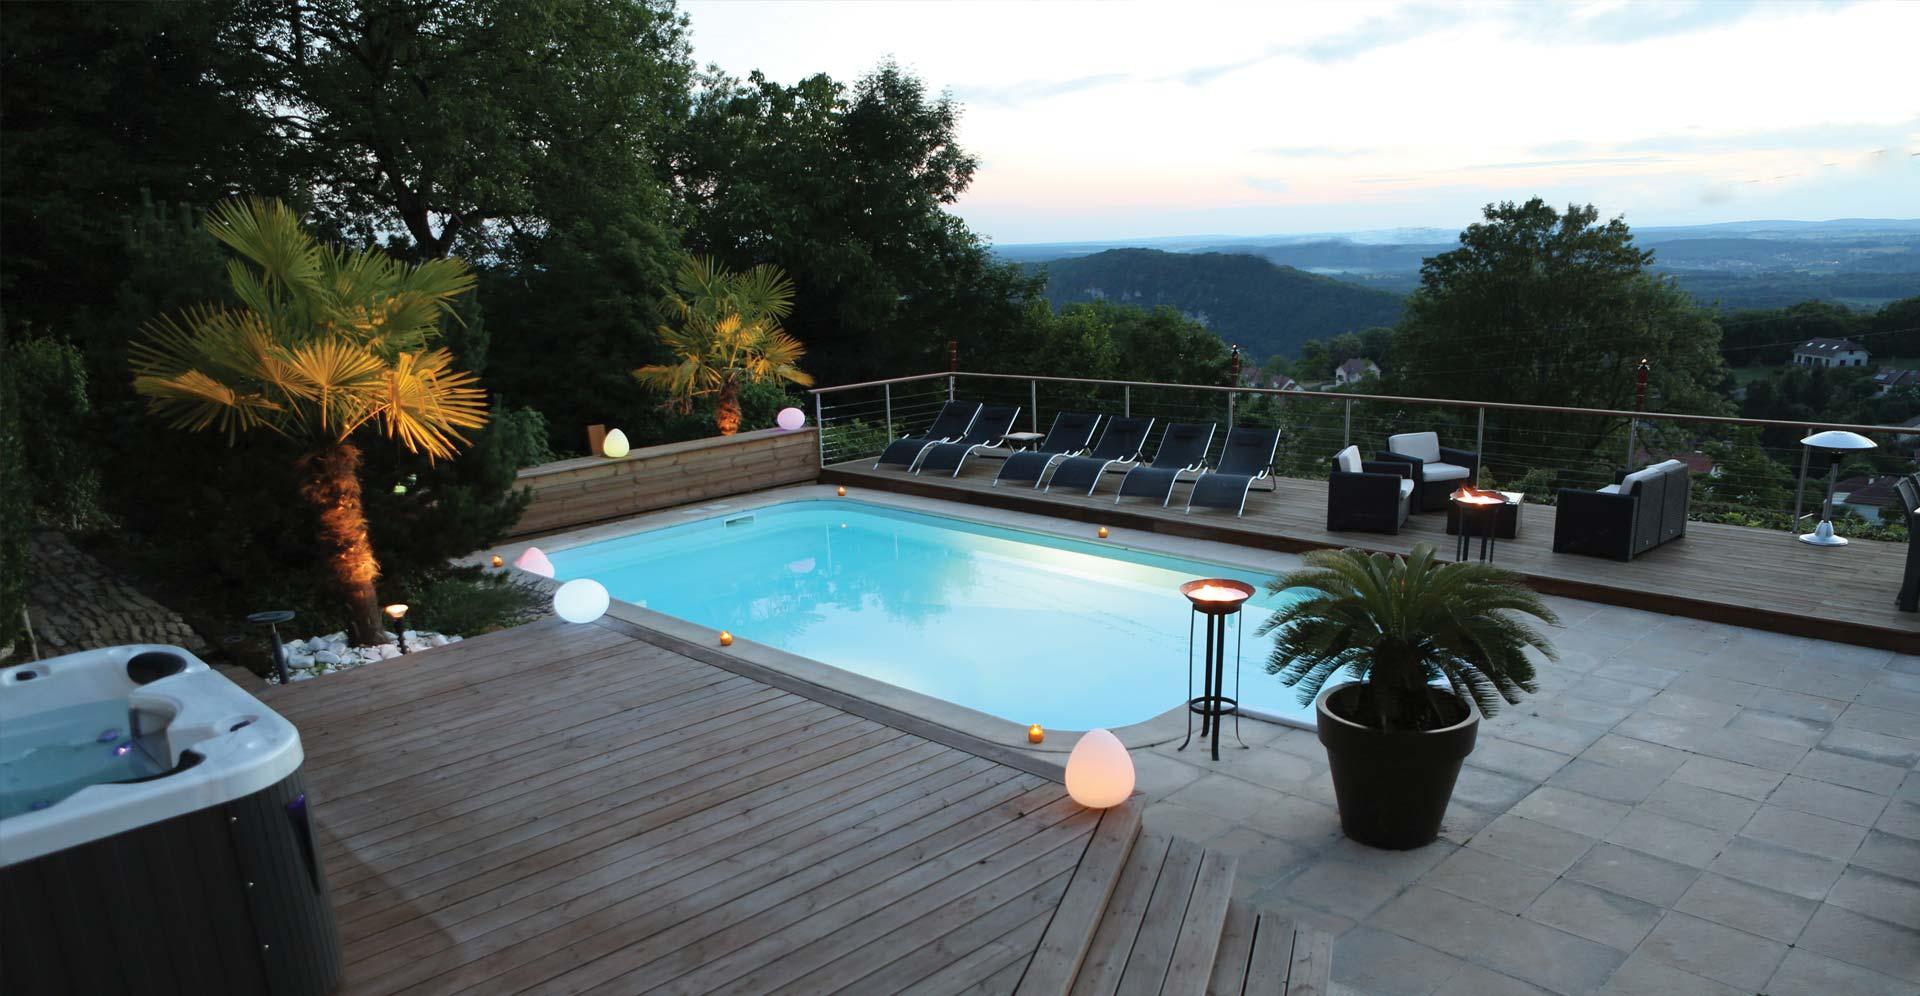 piscine et jacuzzi de la Maison d'hôtes Le Repère des anges